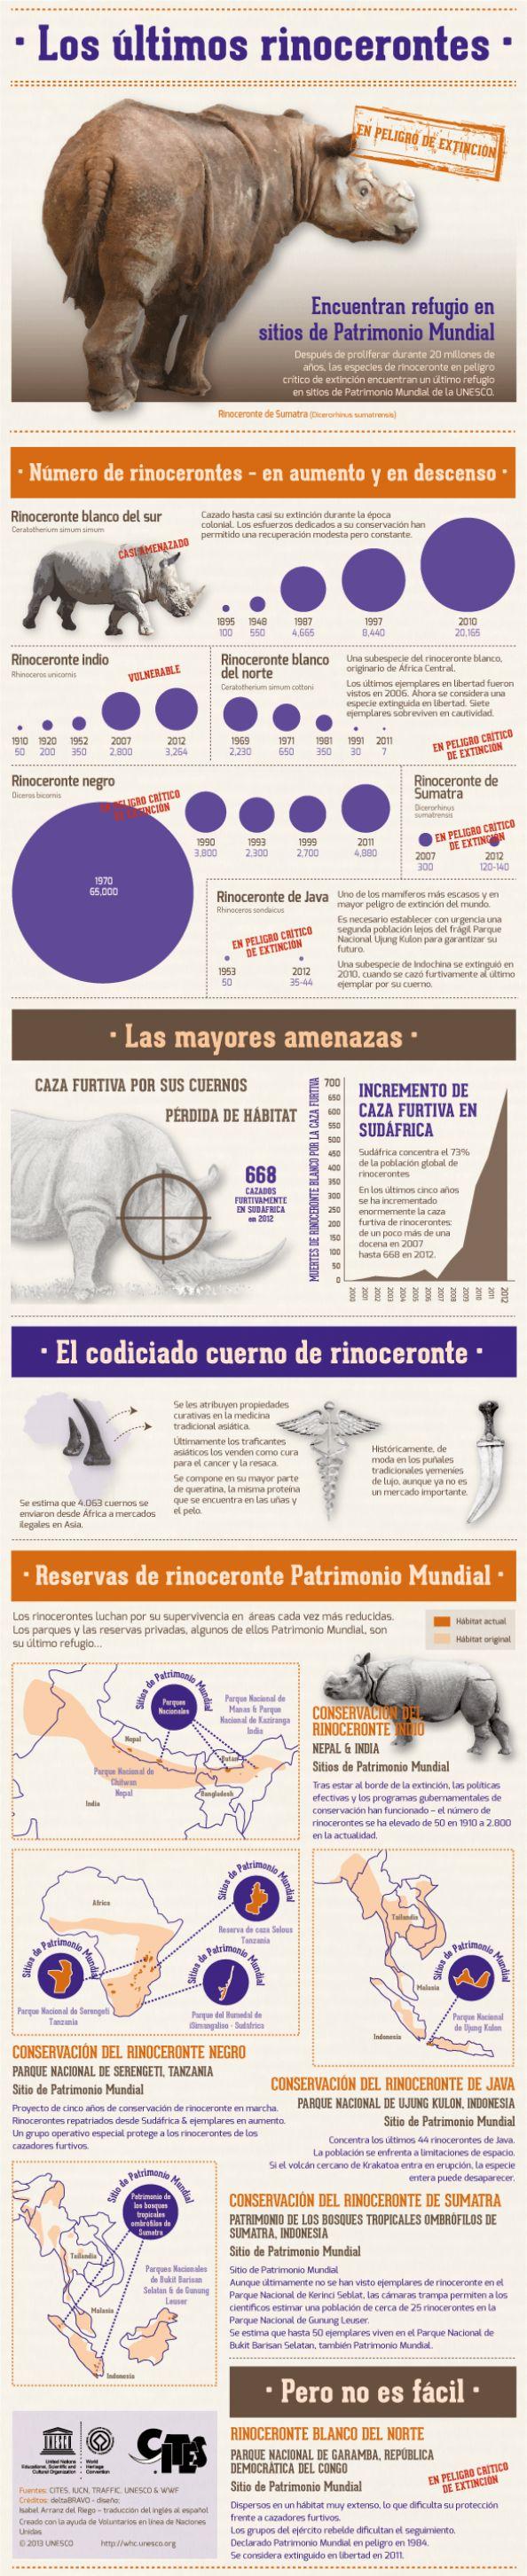 Los últimos rinocerontes #infografia